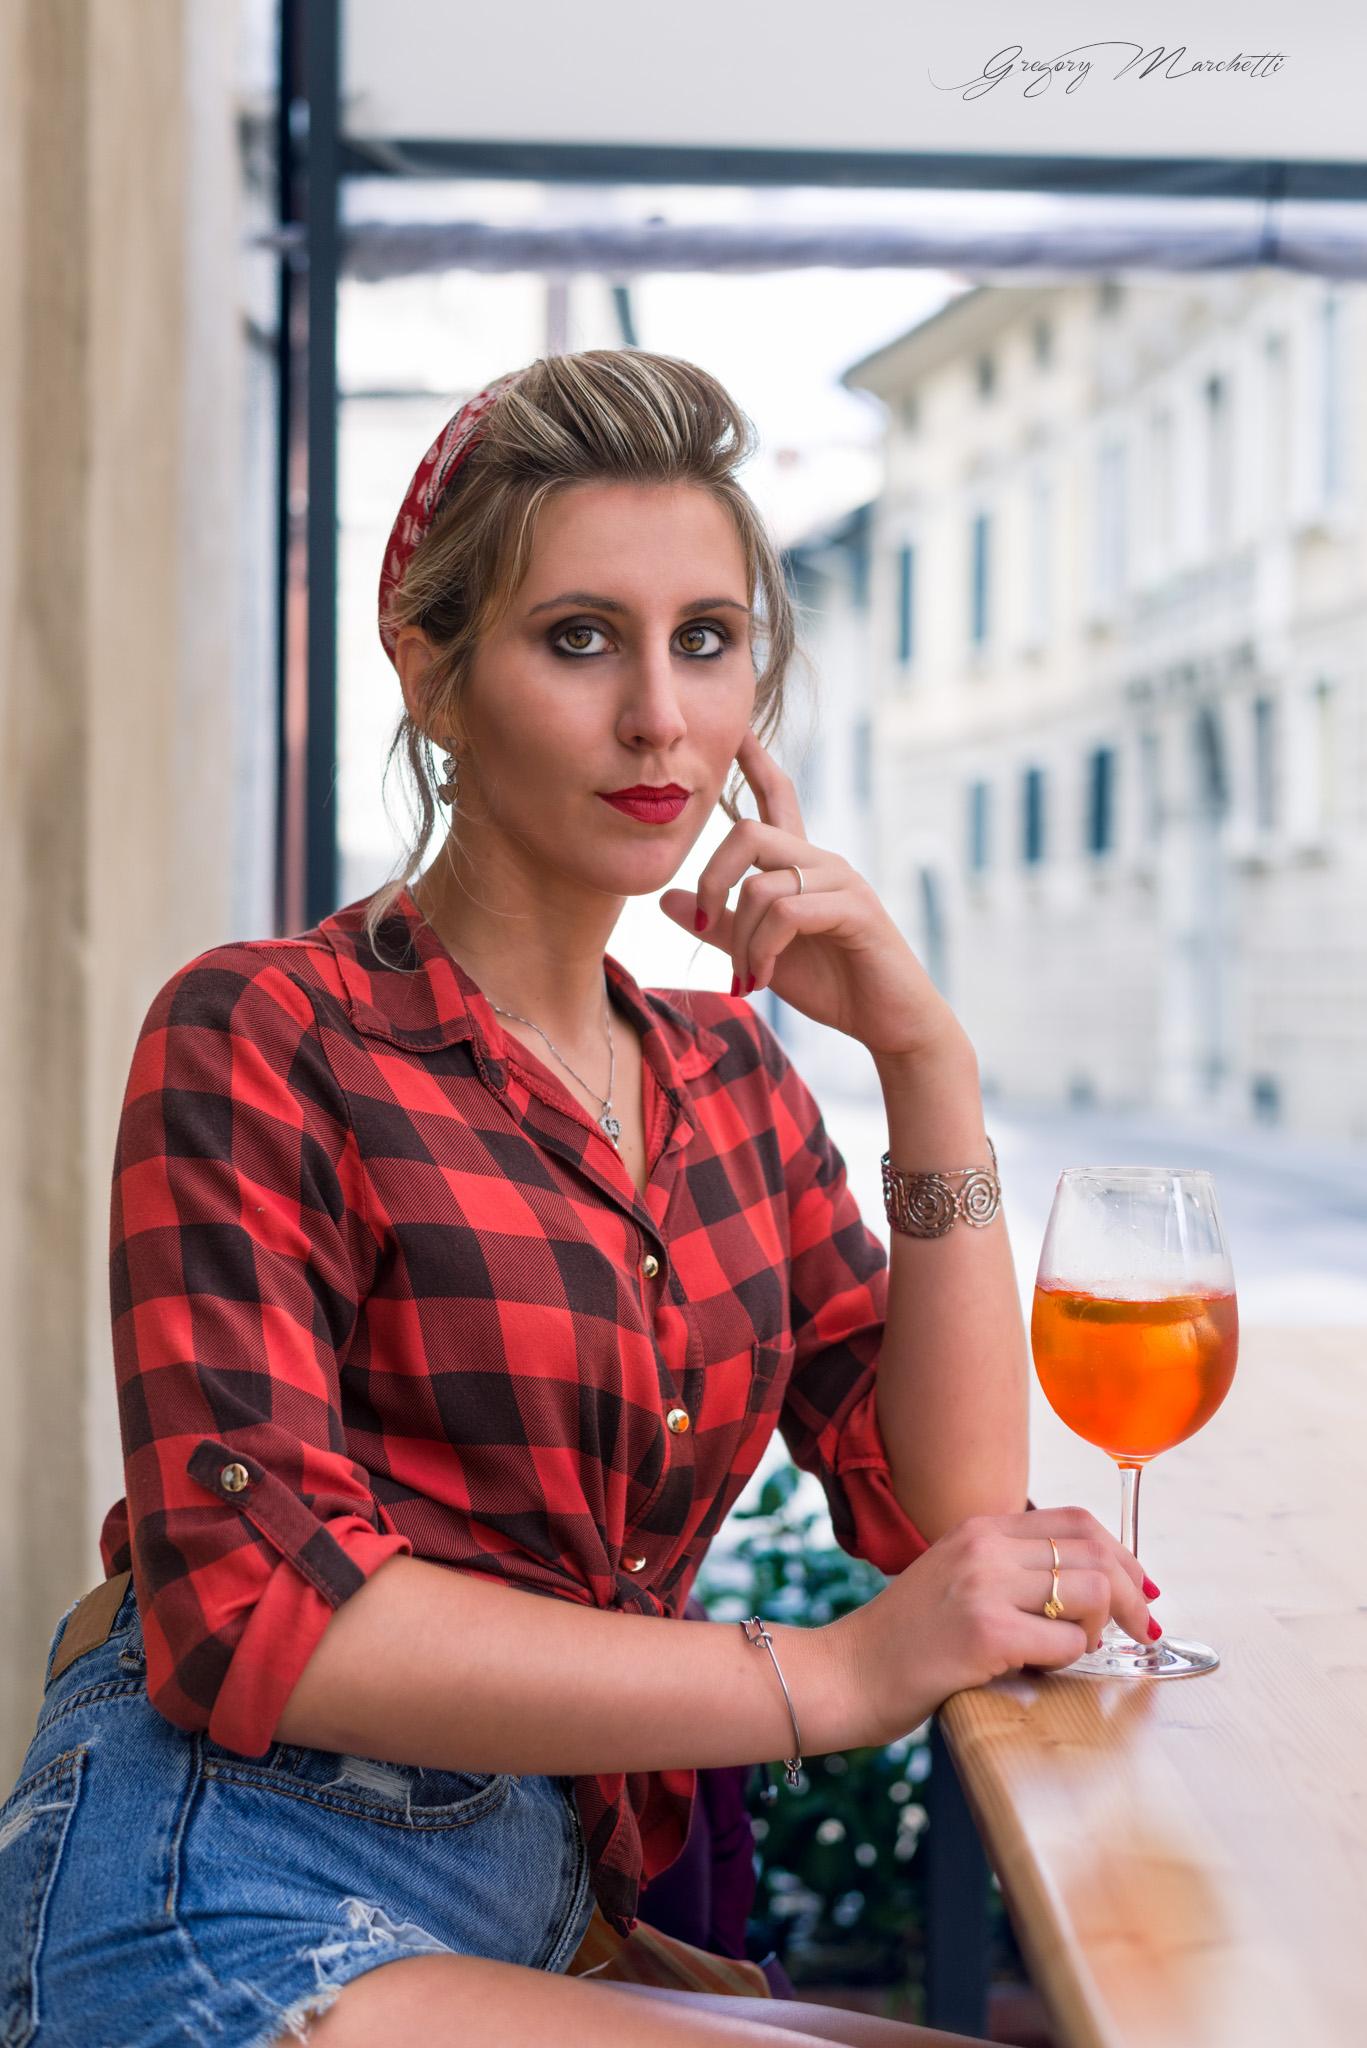 Categorie: Fashion, Glamour, Portrait; Model: MARTYNA COSTA; Photographer: GREGORY MARCHETTI; Location: Feltre, BL, Italia